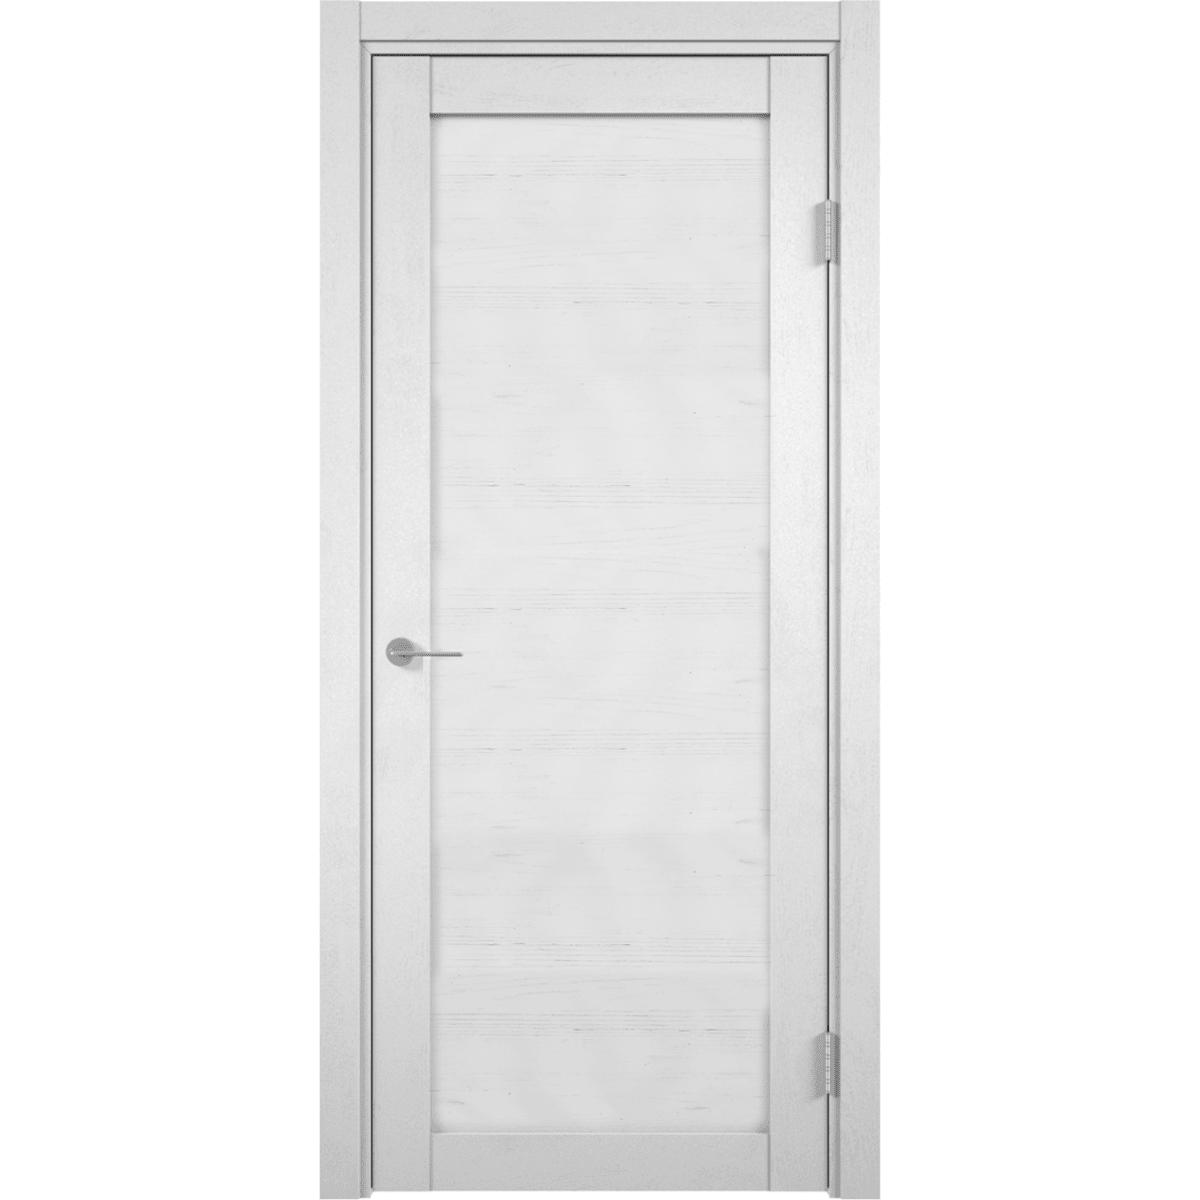 Дверь межкомнатная глухая Бавария 60x2000 см сосна андерсен